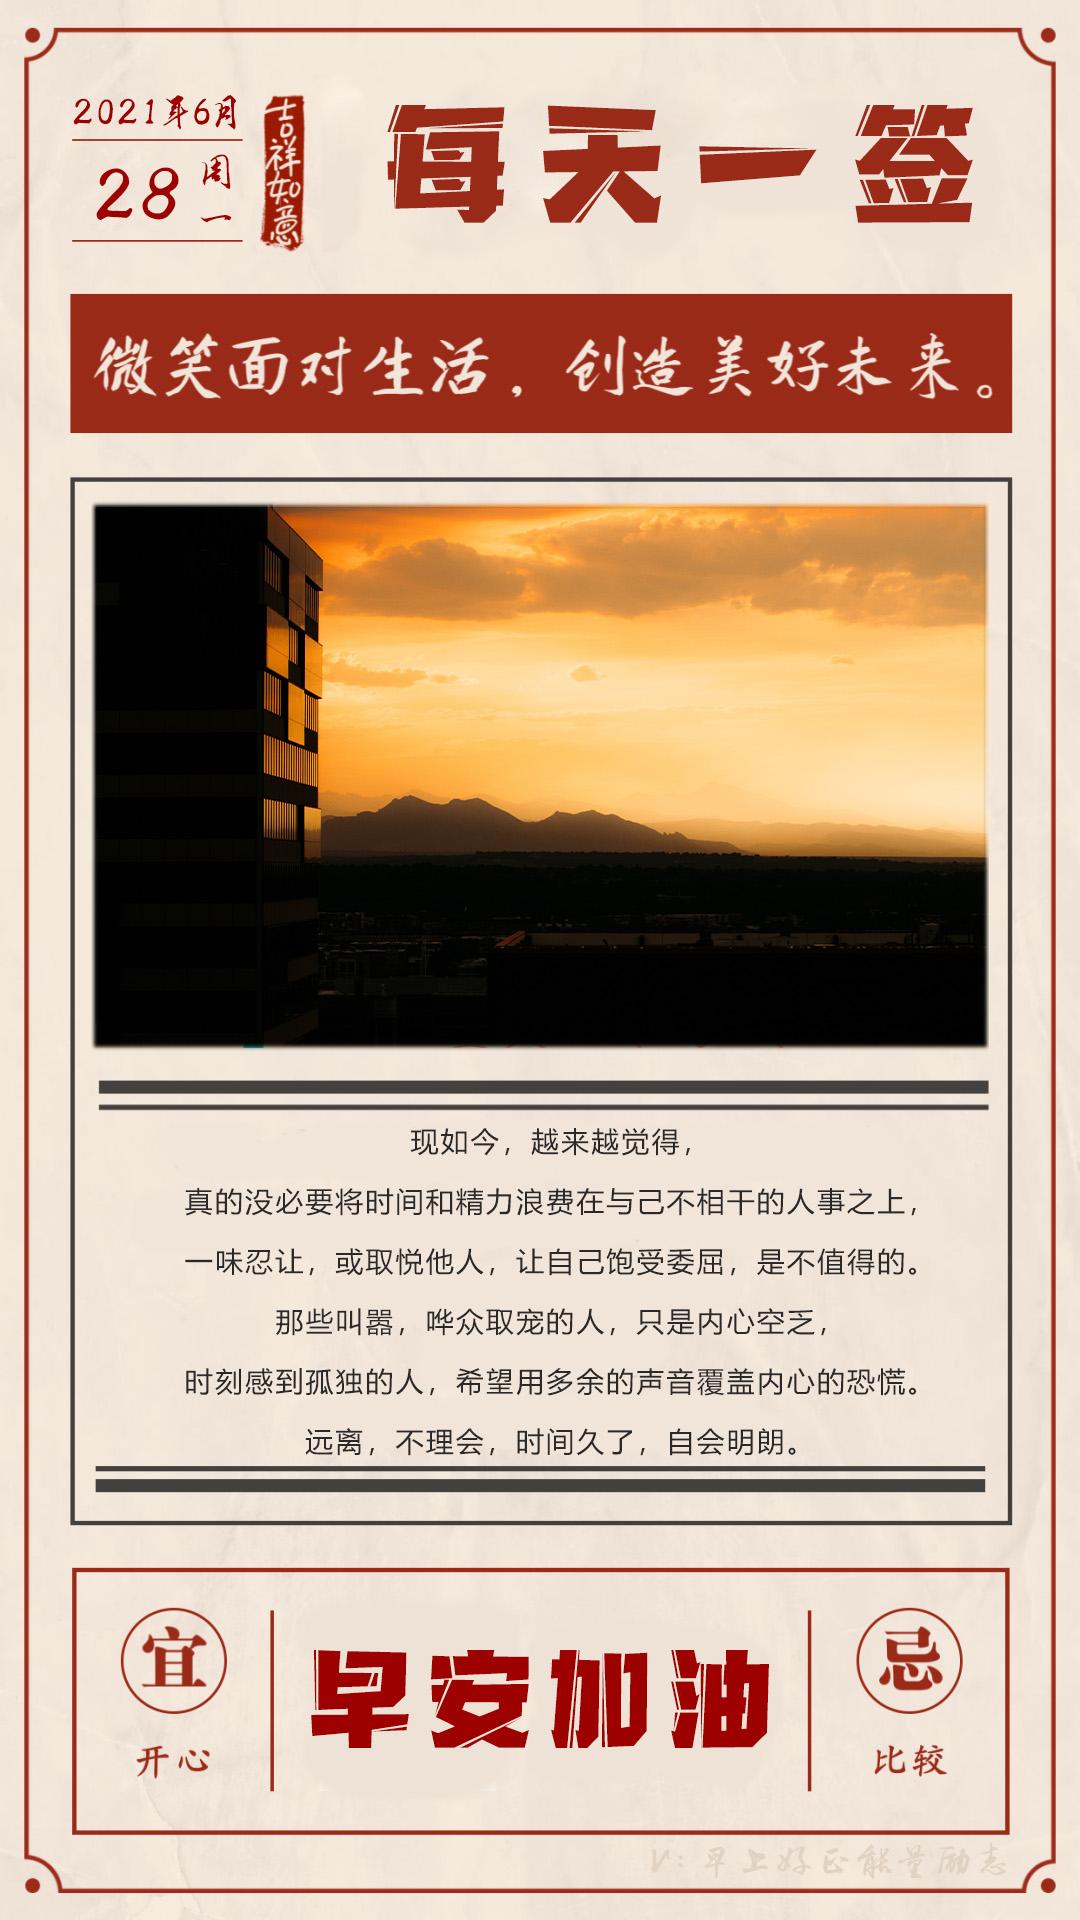 新的一周阳光早安心语图片带字,正能量早上好说说